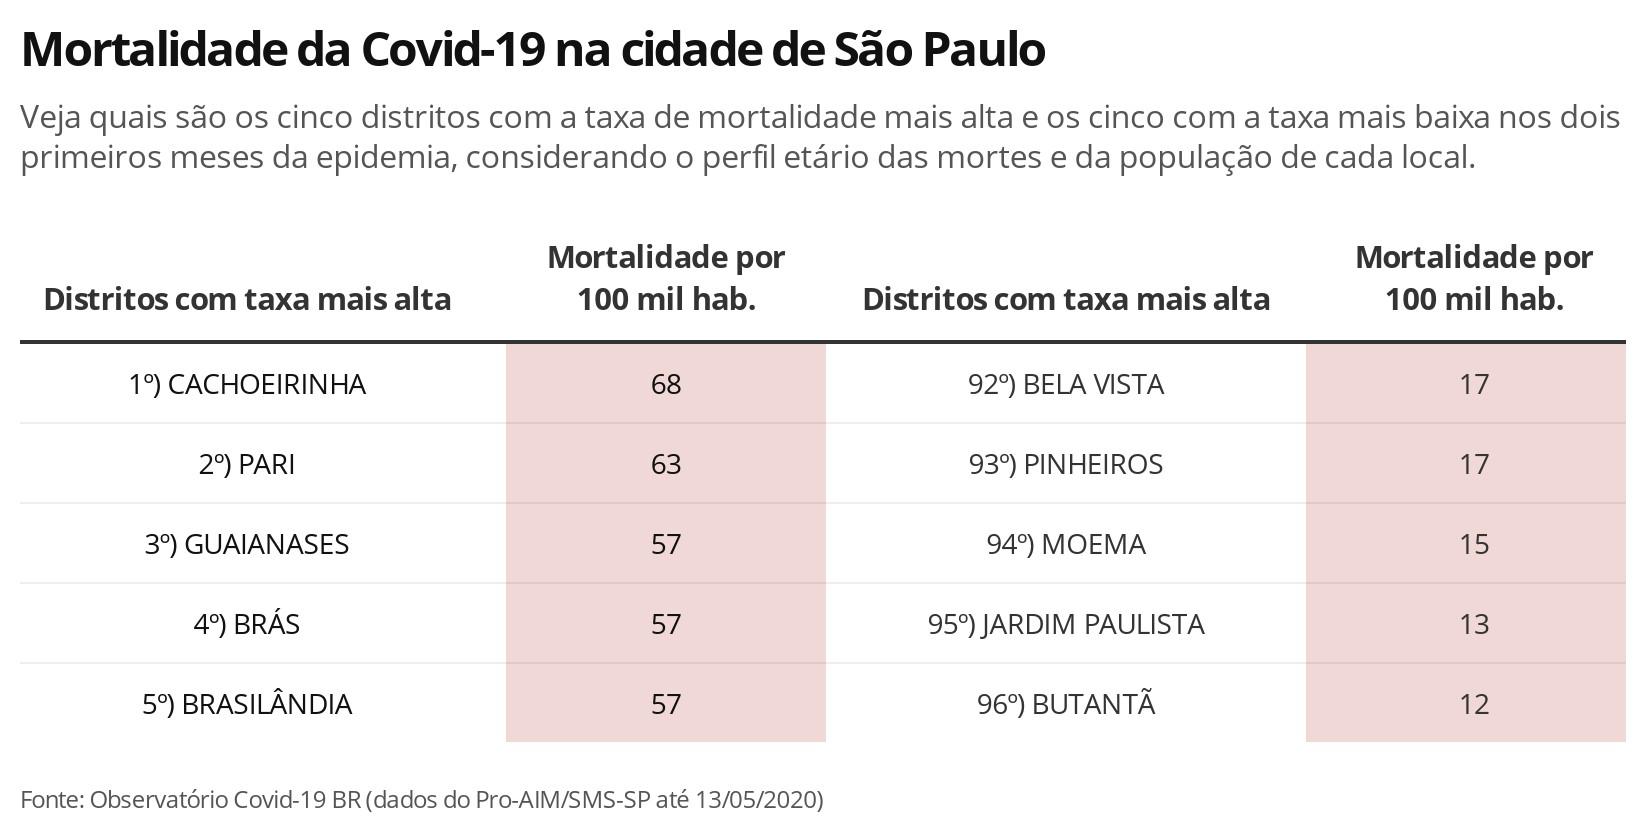 Risco de morte por Covid-19 entre paulistanos pretos com menos de 60 anos é o dobro dos brancos da mesma faixa etária